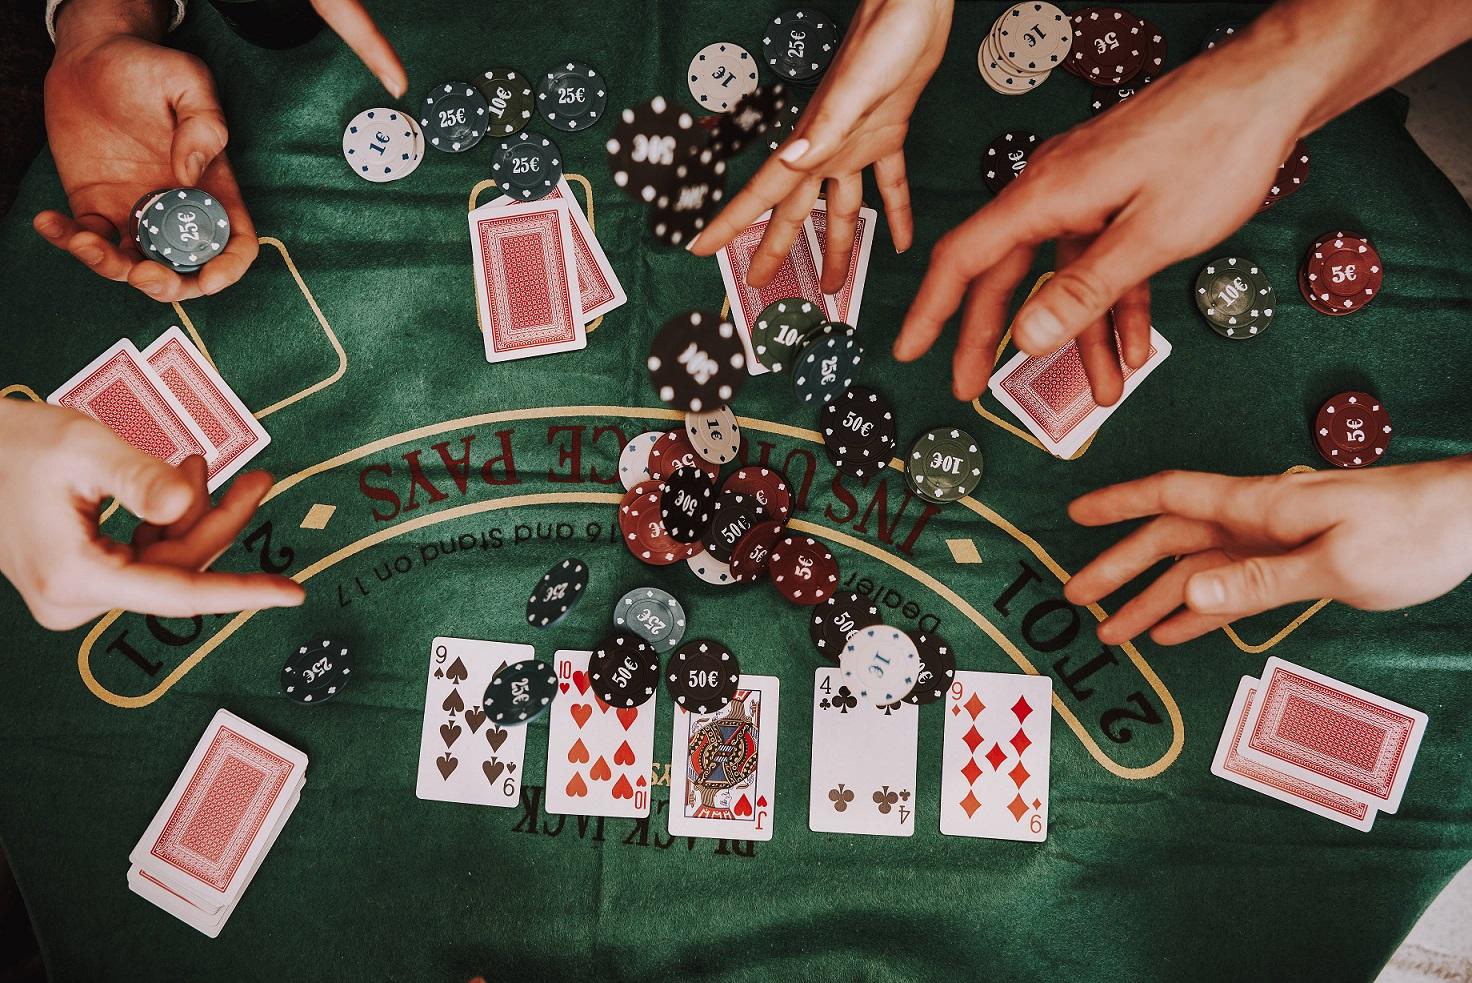 運彩討論跟牌能賺錢嗎?-網路運彩